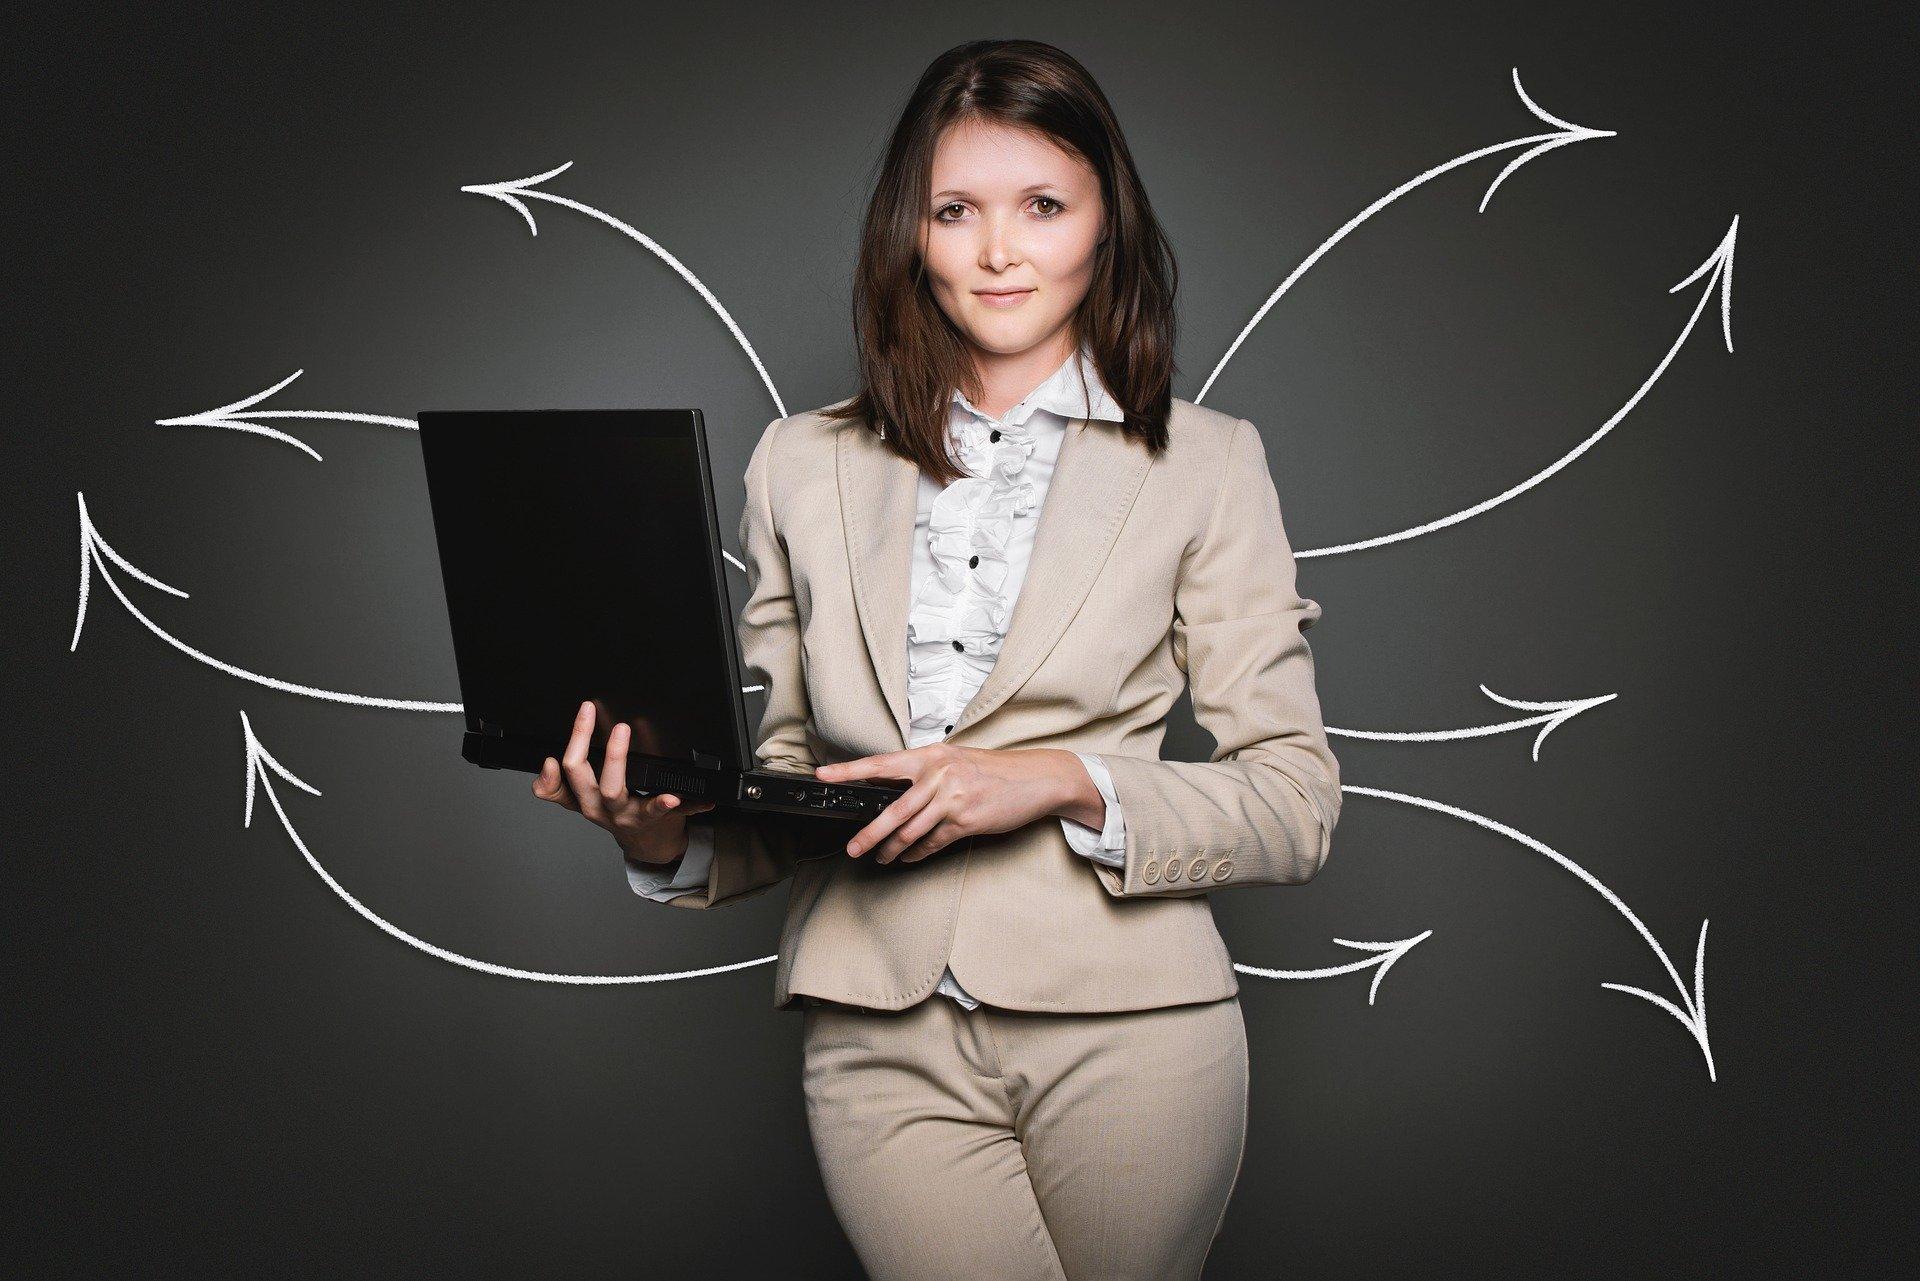 Pierwsza praca po studiach – jaka i gdzie szukać?